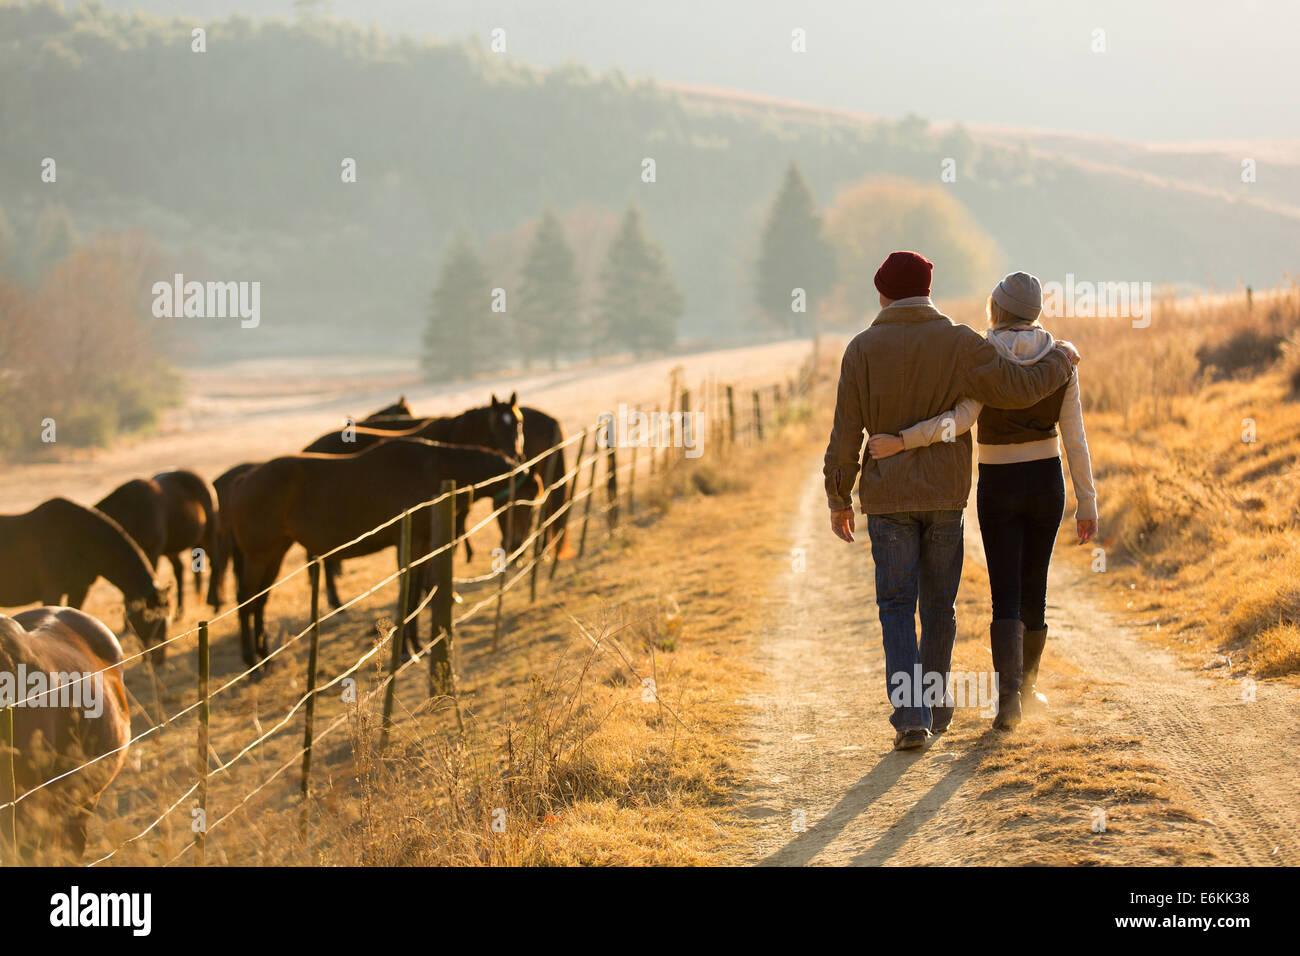 Vista posterior de la joven pareja caminando en Farm Road Imagen De Stock